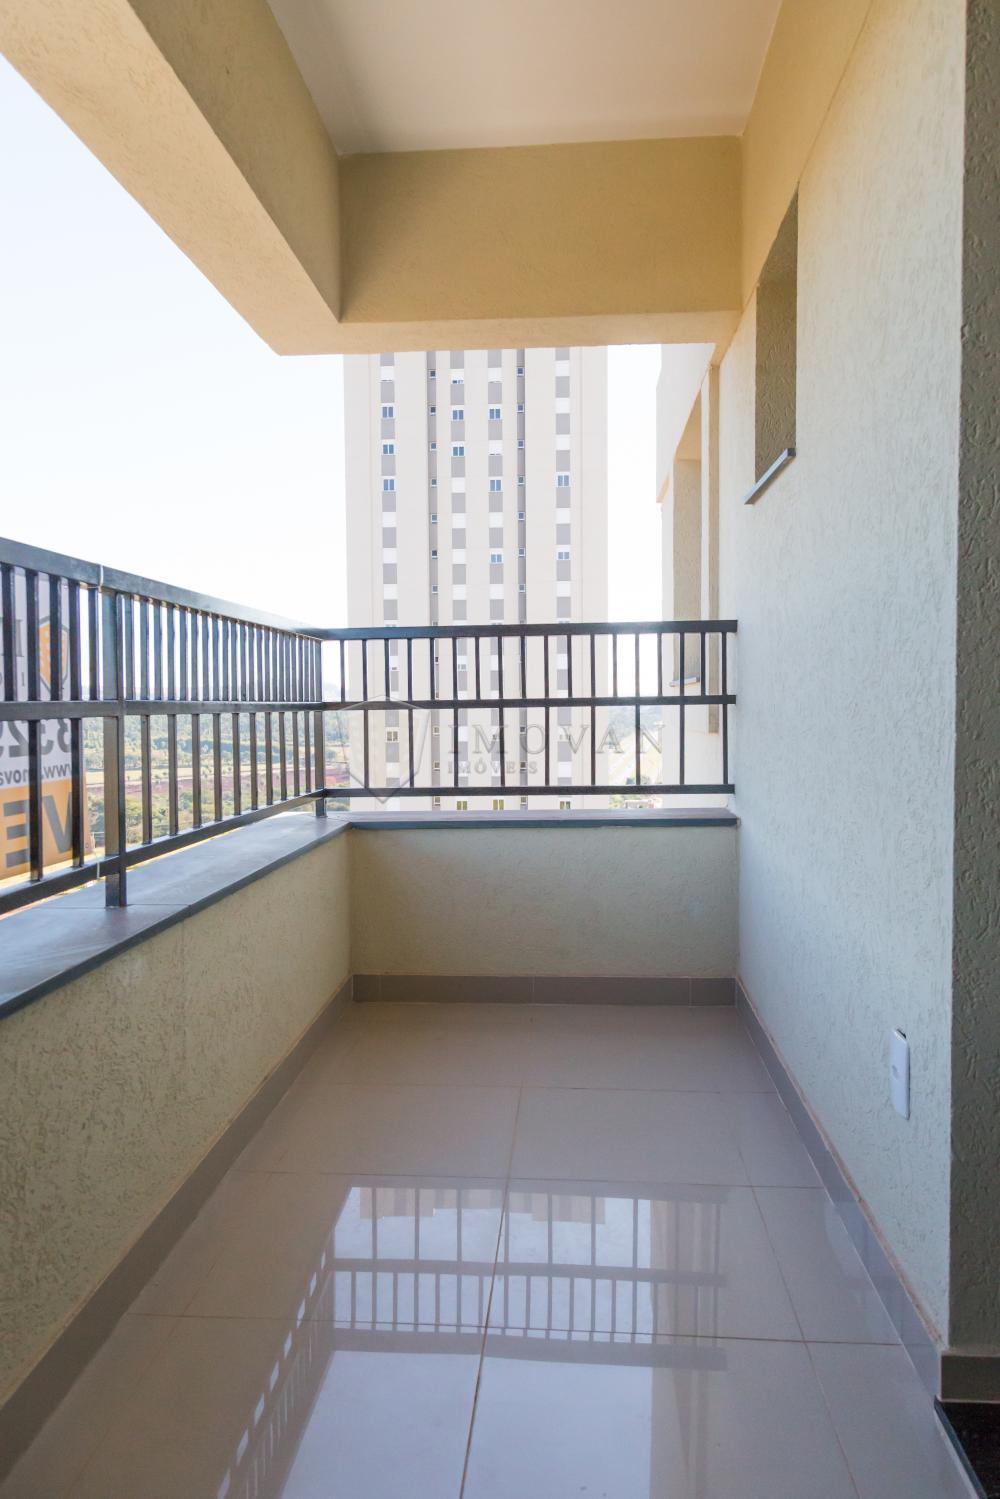 Comprar Apartamento / Padrão em Ribeirão Preto apenas R$ 215.000,00 - Foto 10